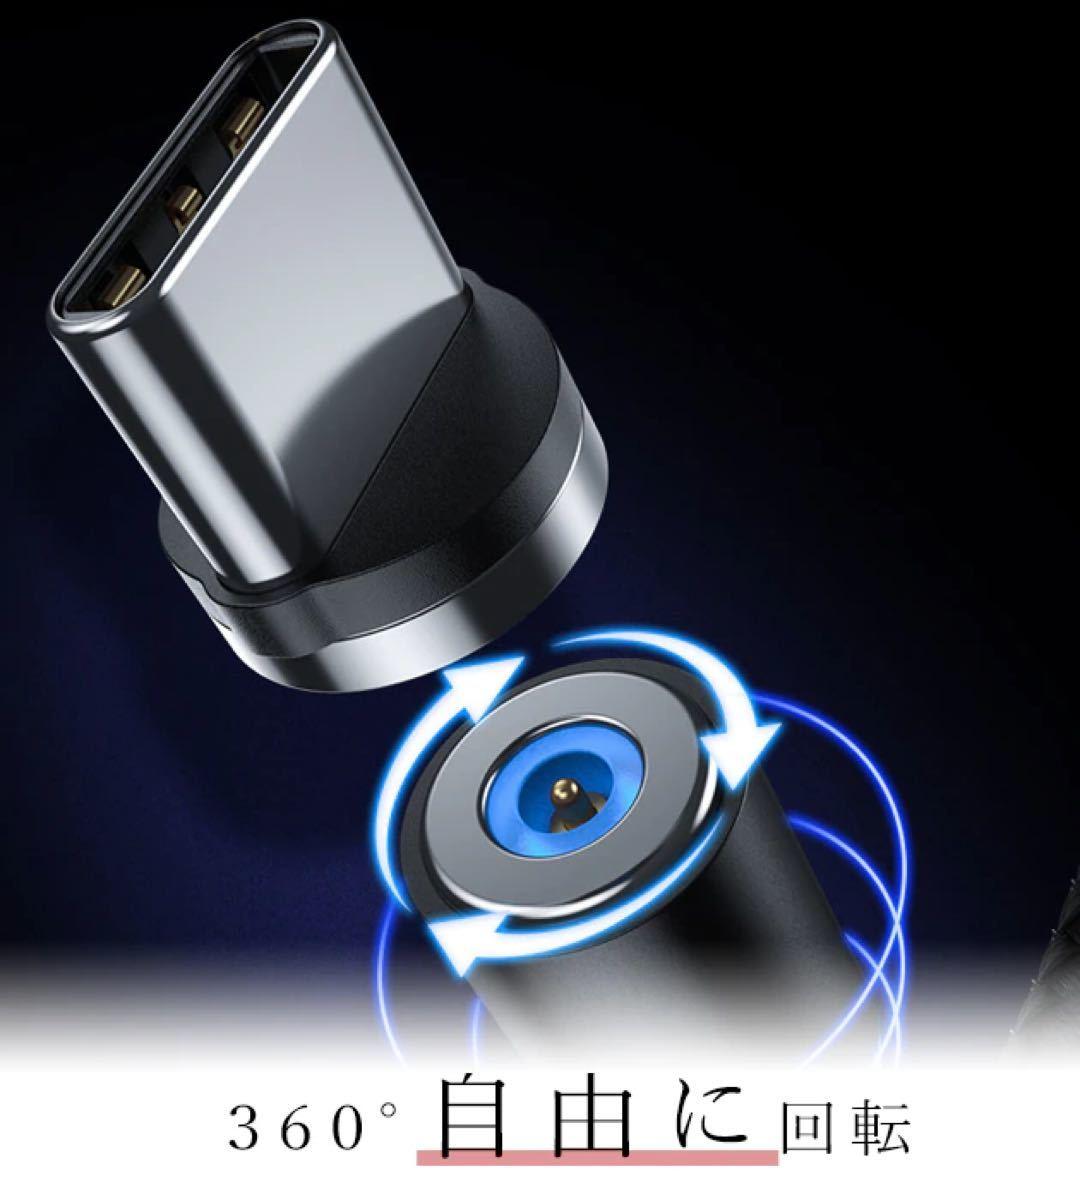 マグネット充電ケーブル2M*3本+端子*6(iPhone *2+Android *2+TYPE-C*2)急速充電 磁石式 ケーブル